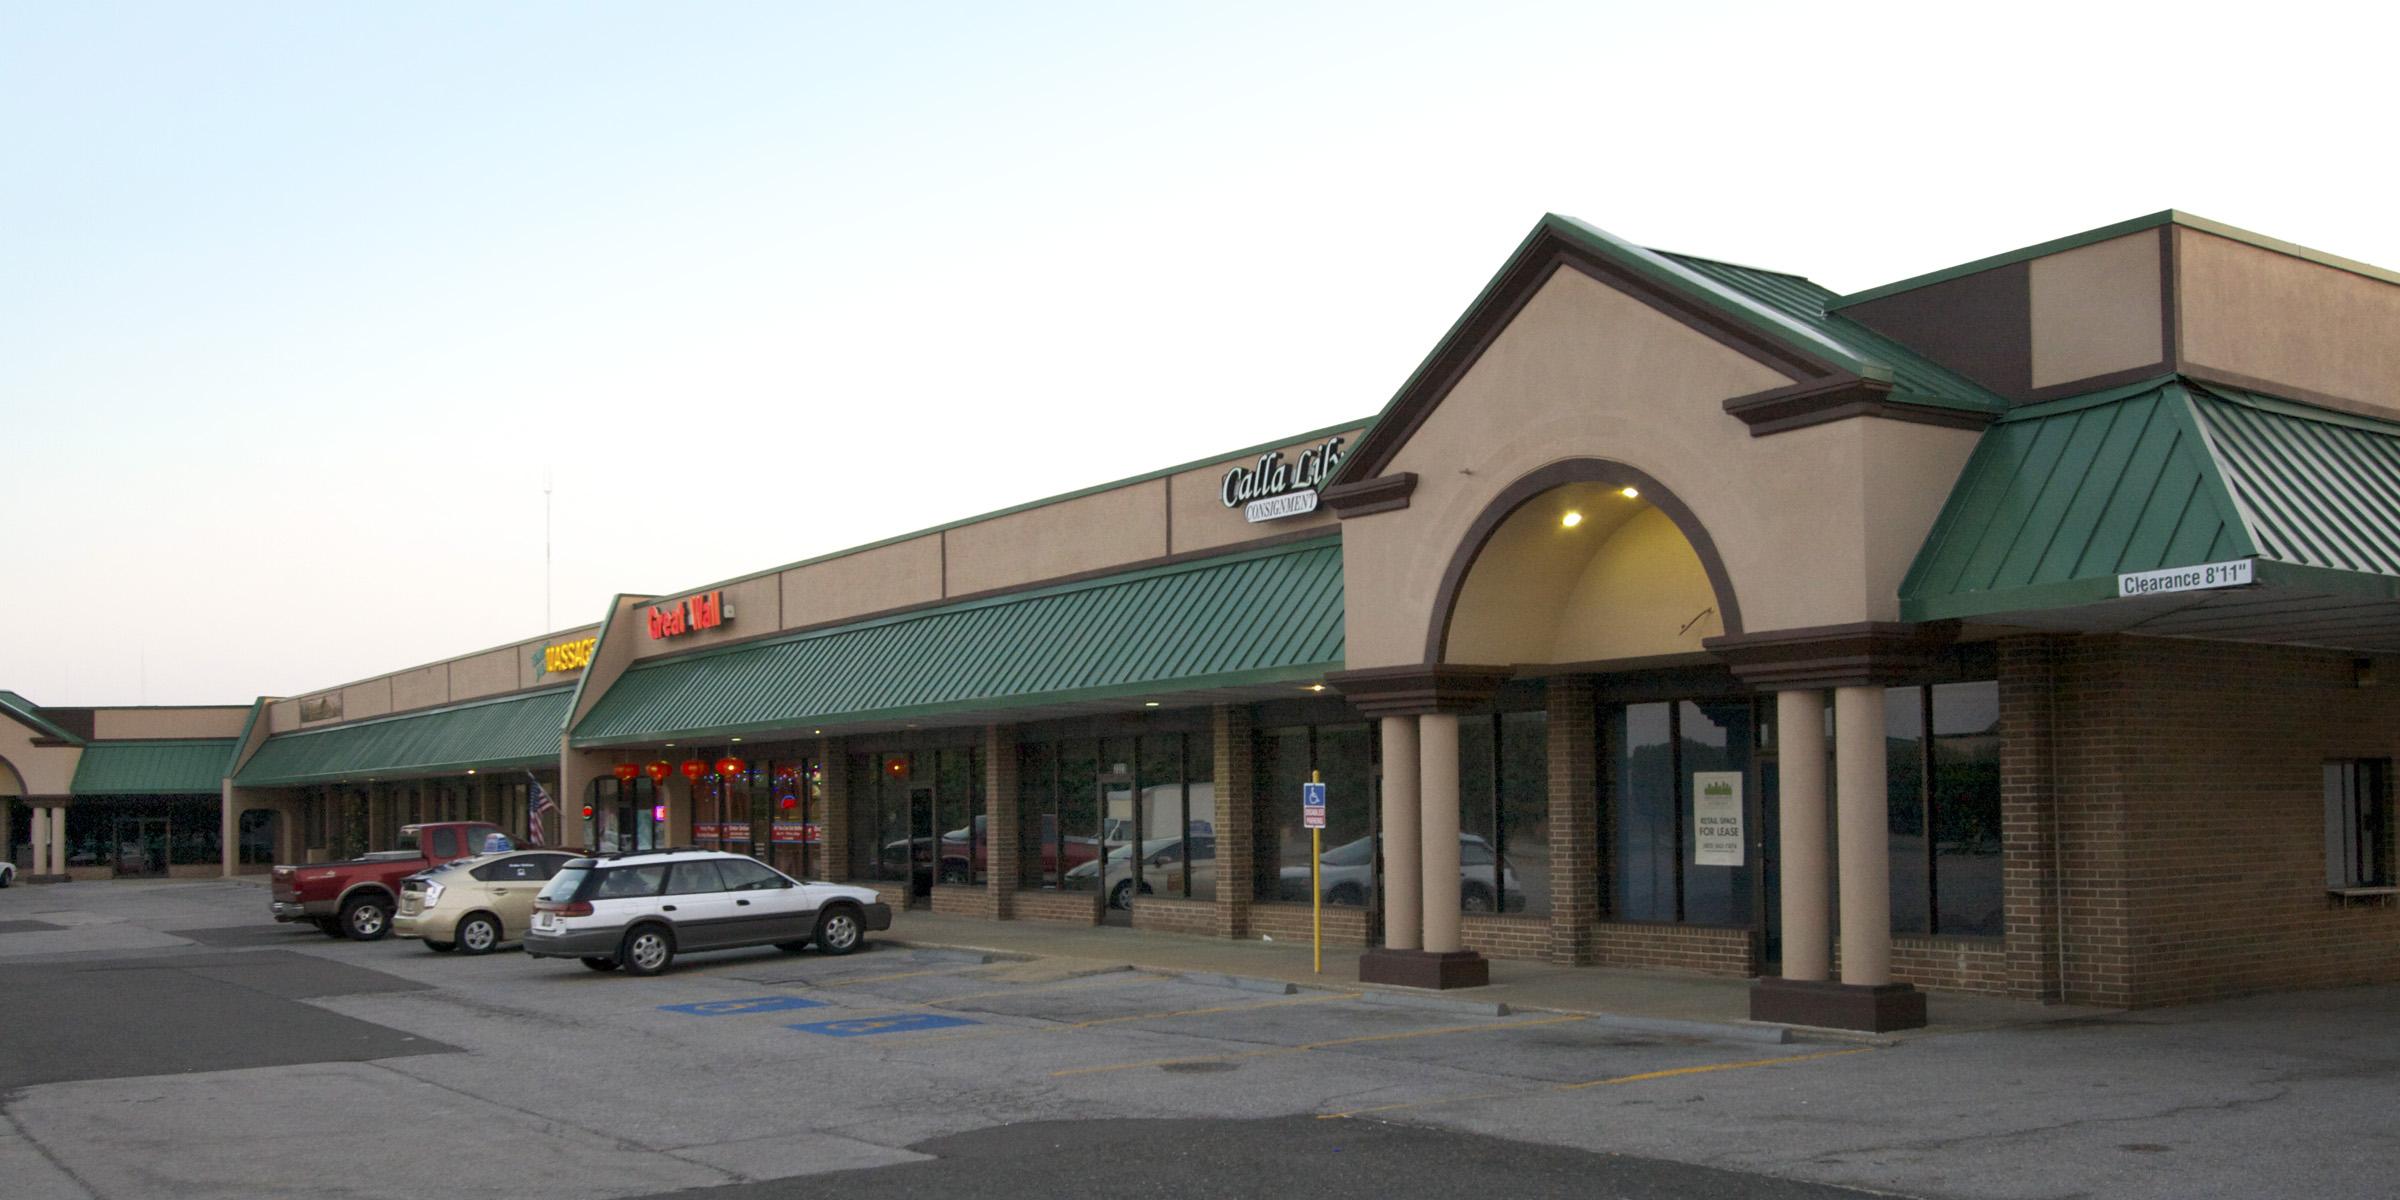 3301 S. Boulevard, Edmond, OK